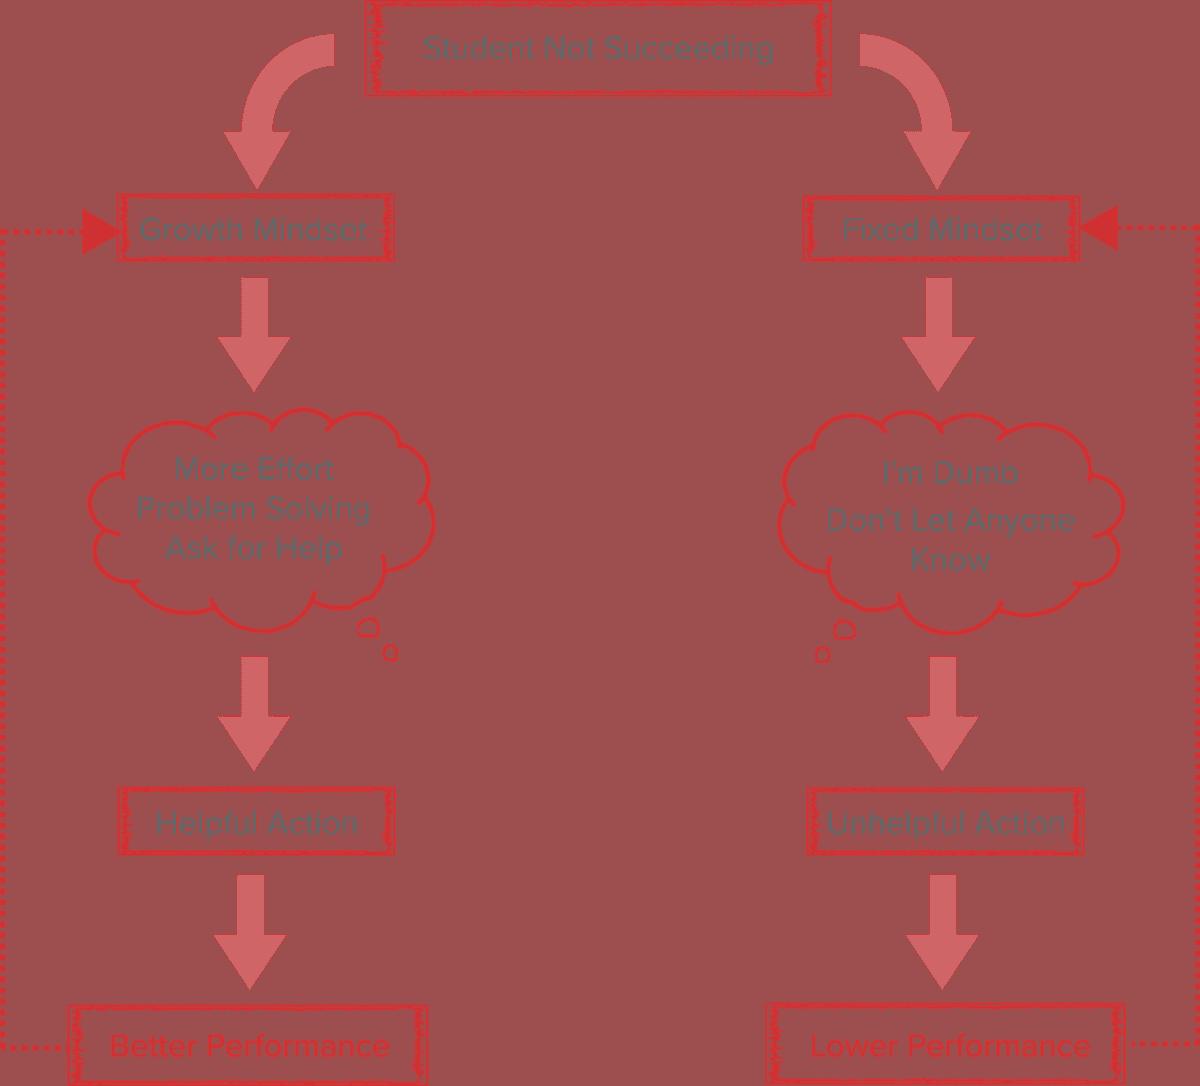 growth mindset vs fixed mindset flowchart